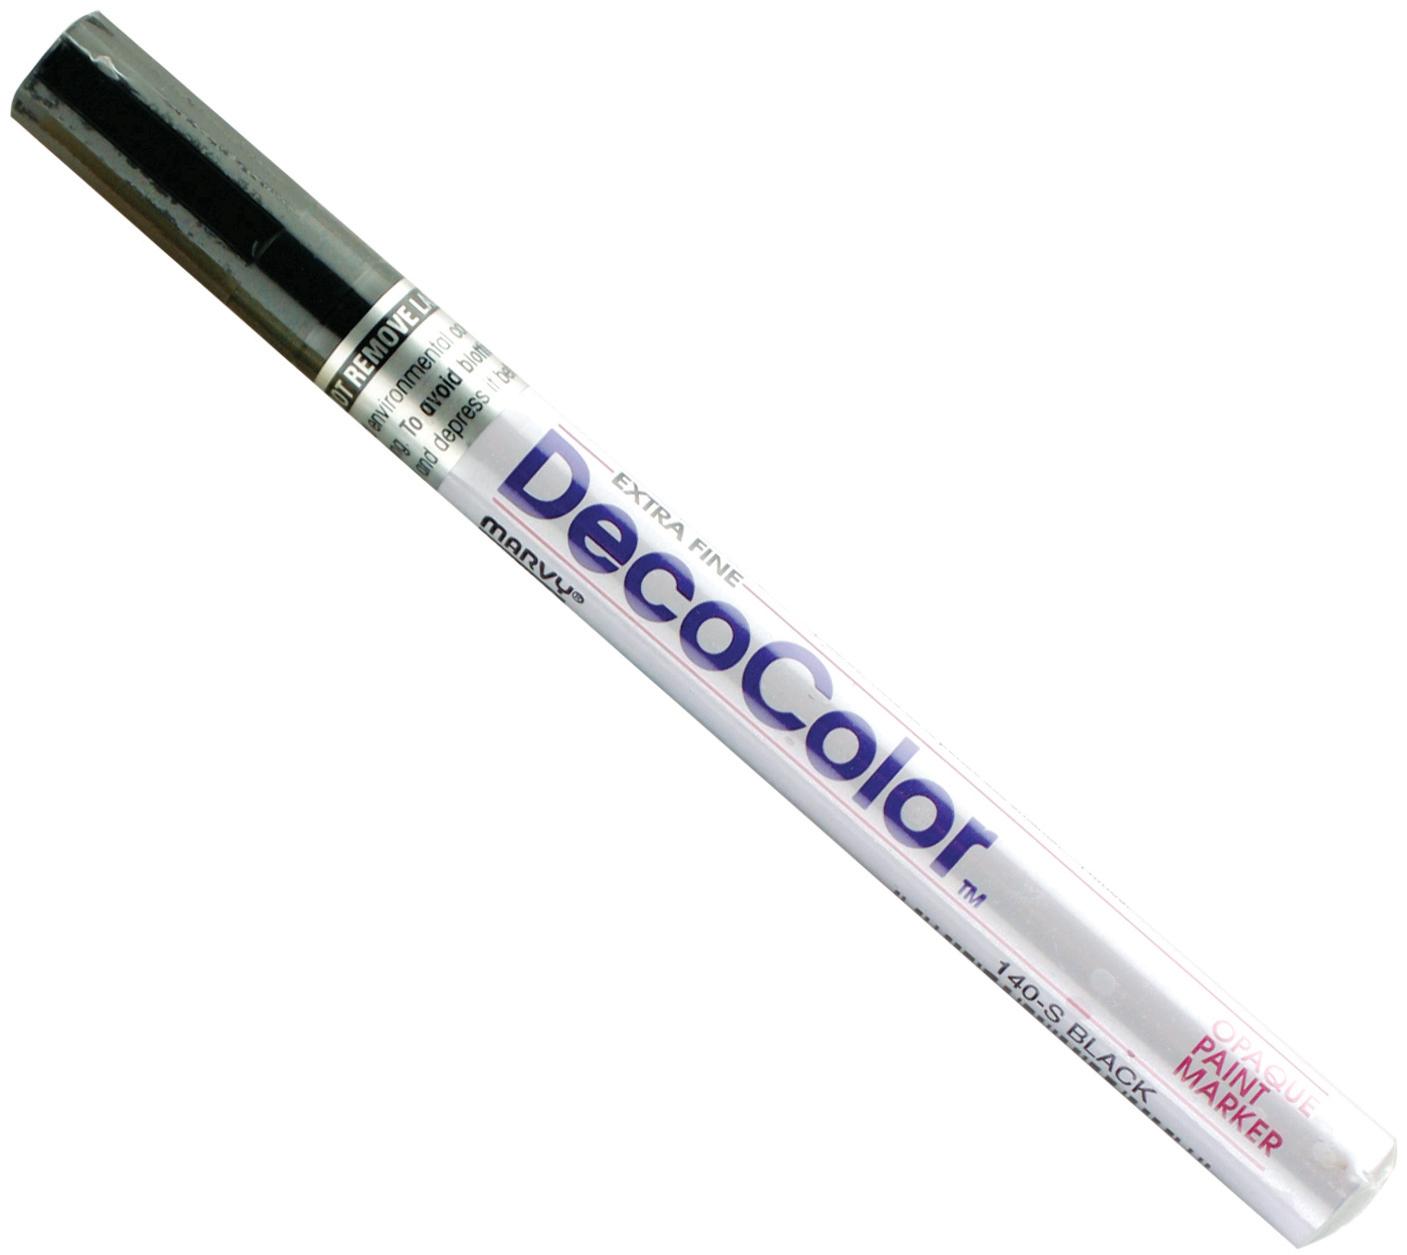 DecoColor paint marker black